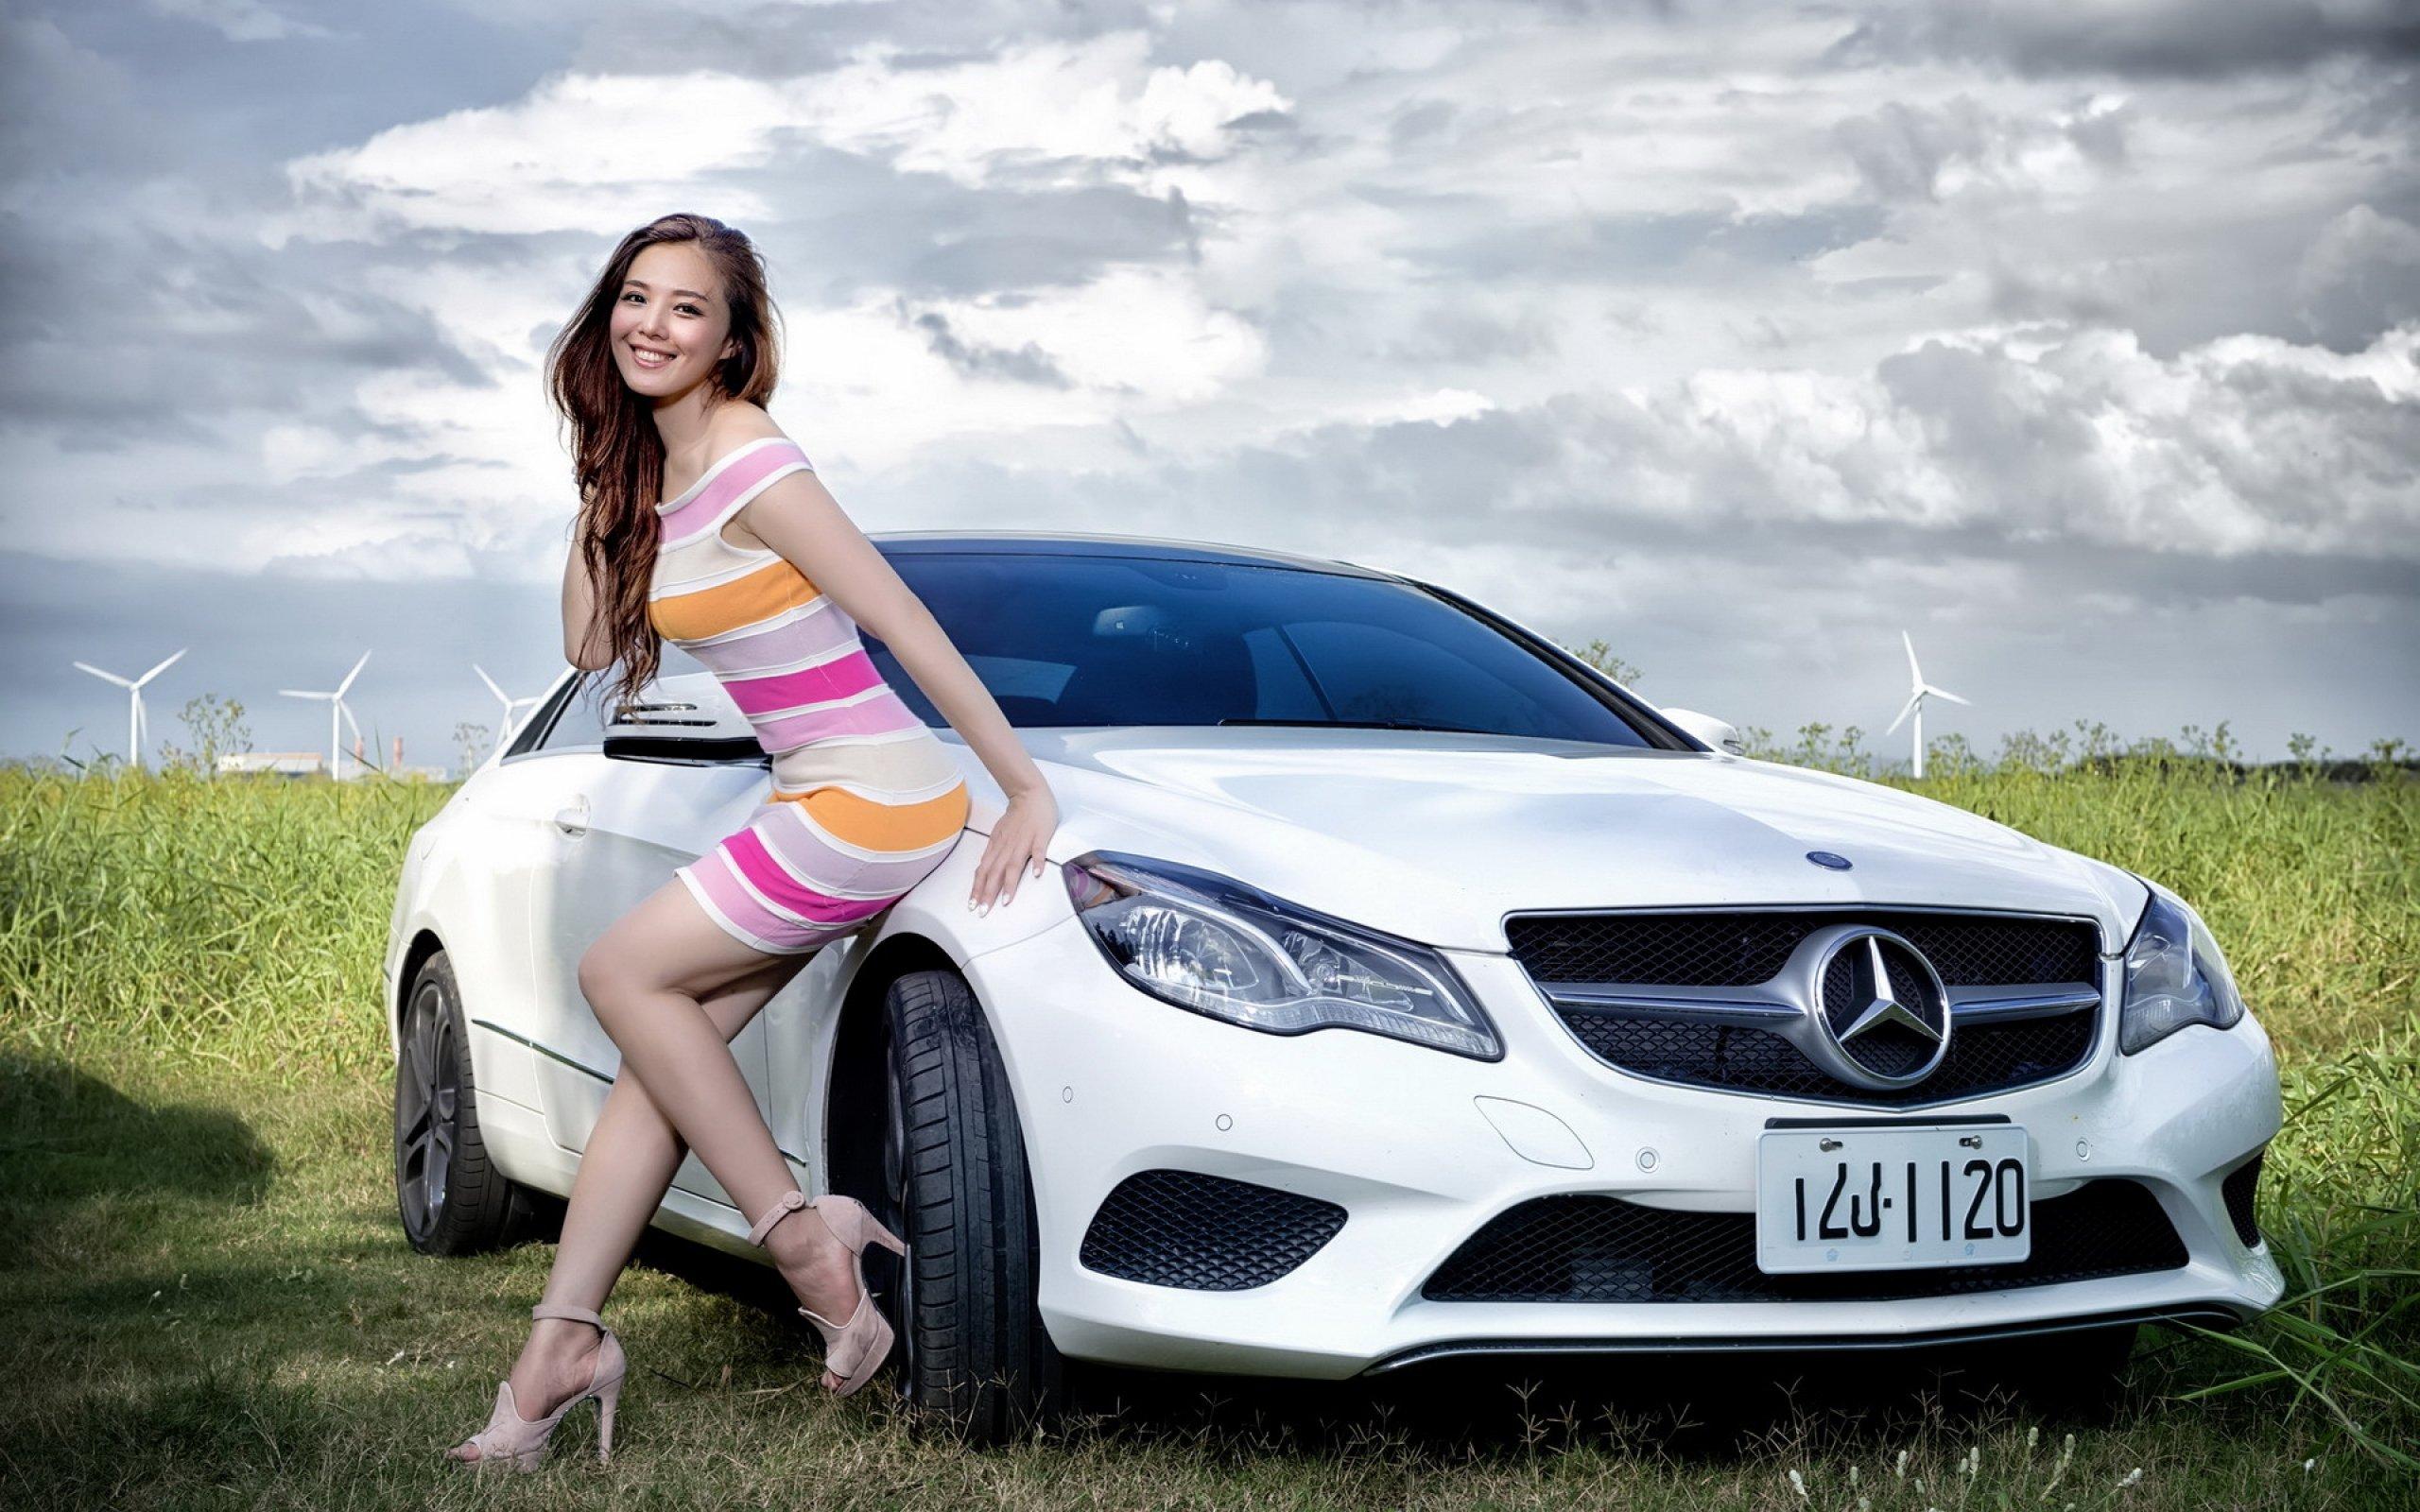 Фотки девушек около машин 16 фотография